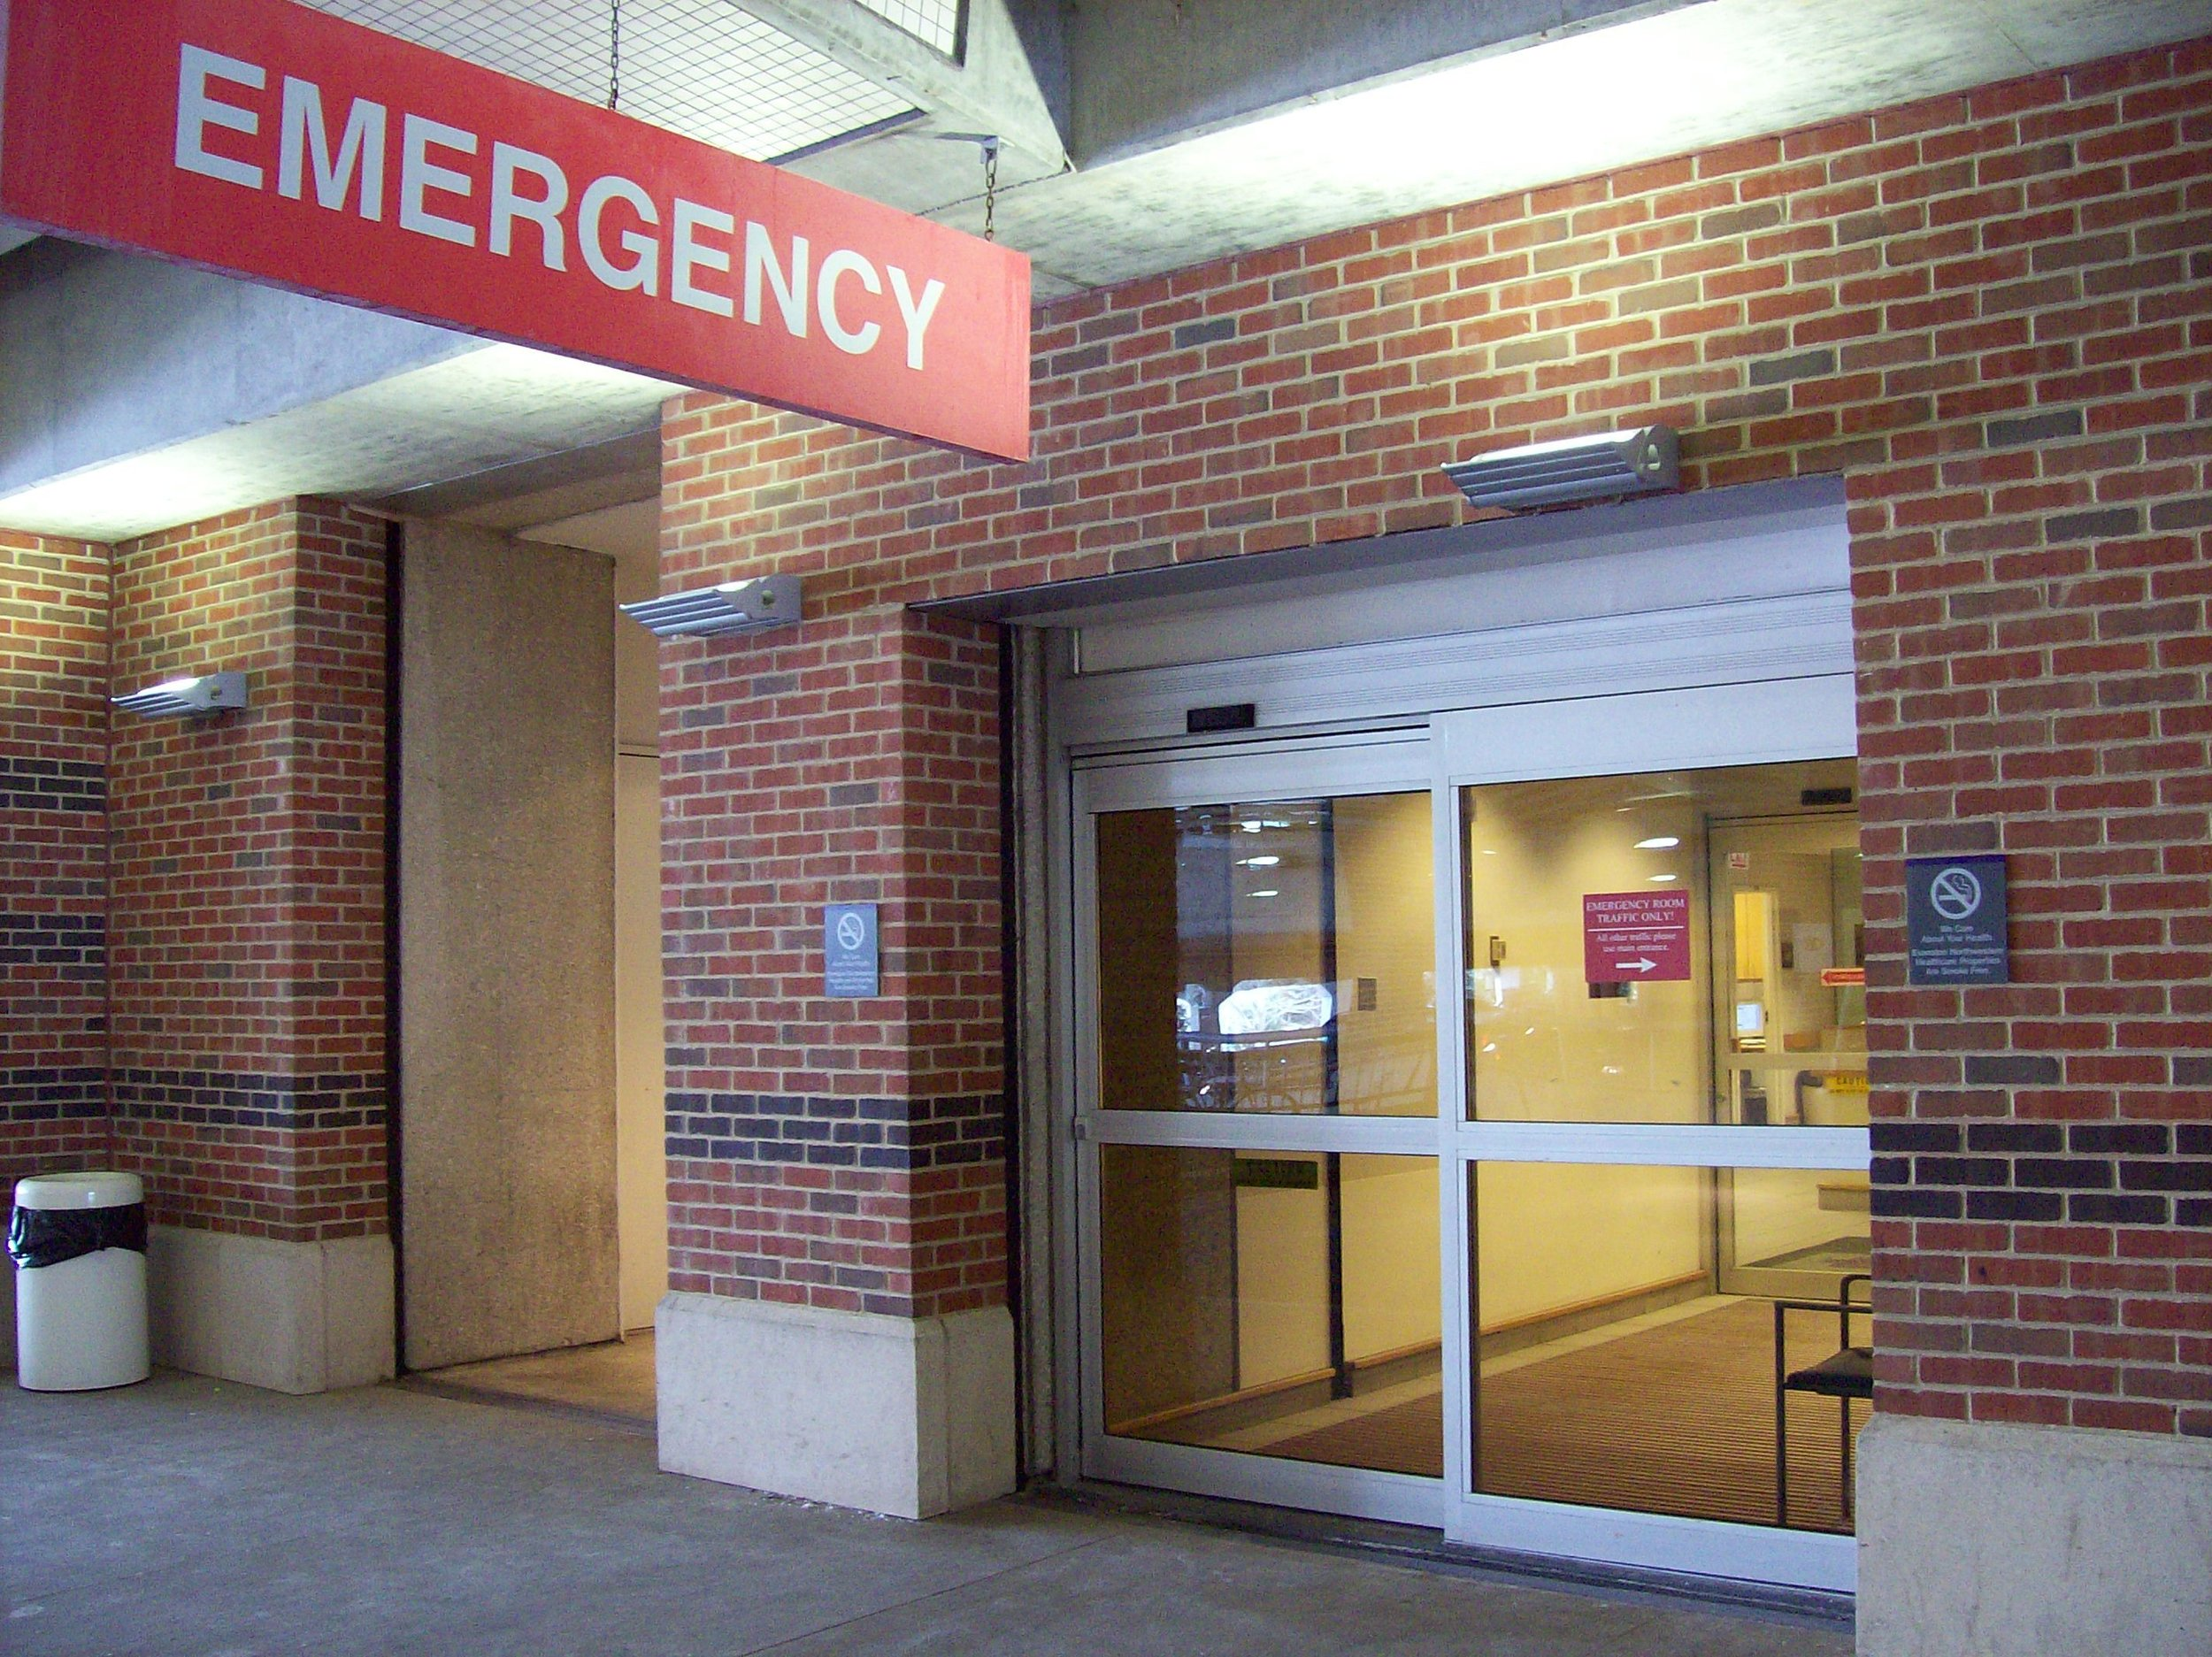 Emergency Entrance Open